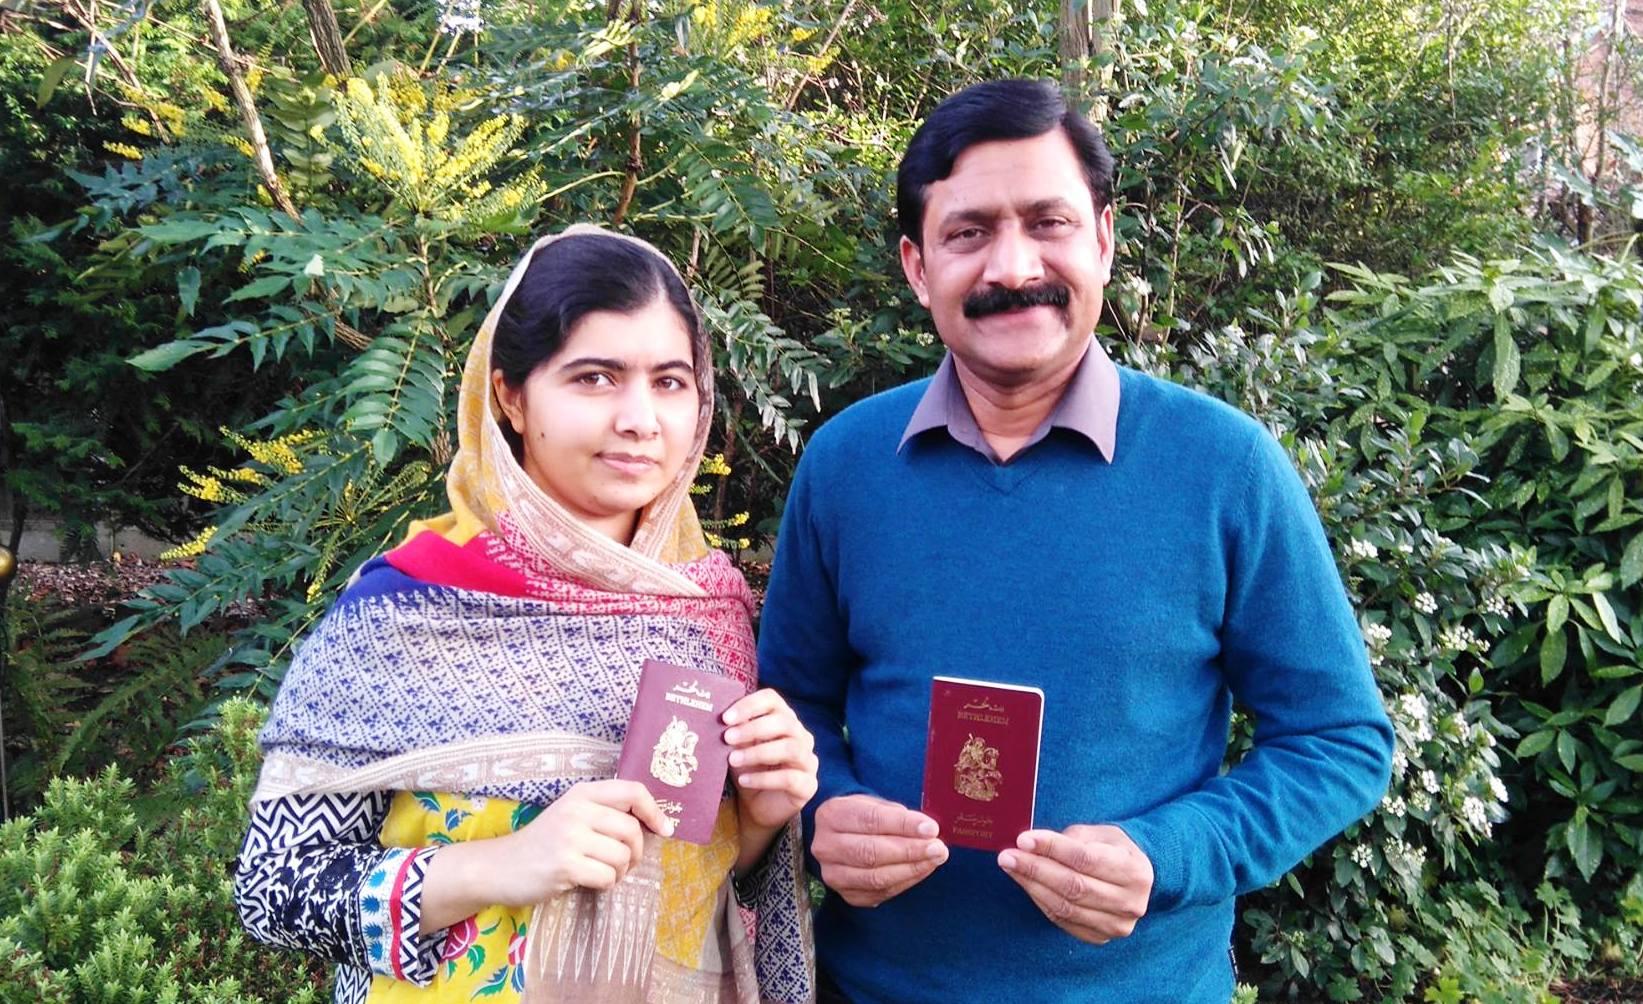 Malala_and_Ziauddin_Yousafzai.jpg